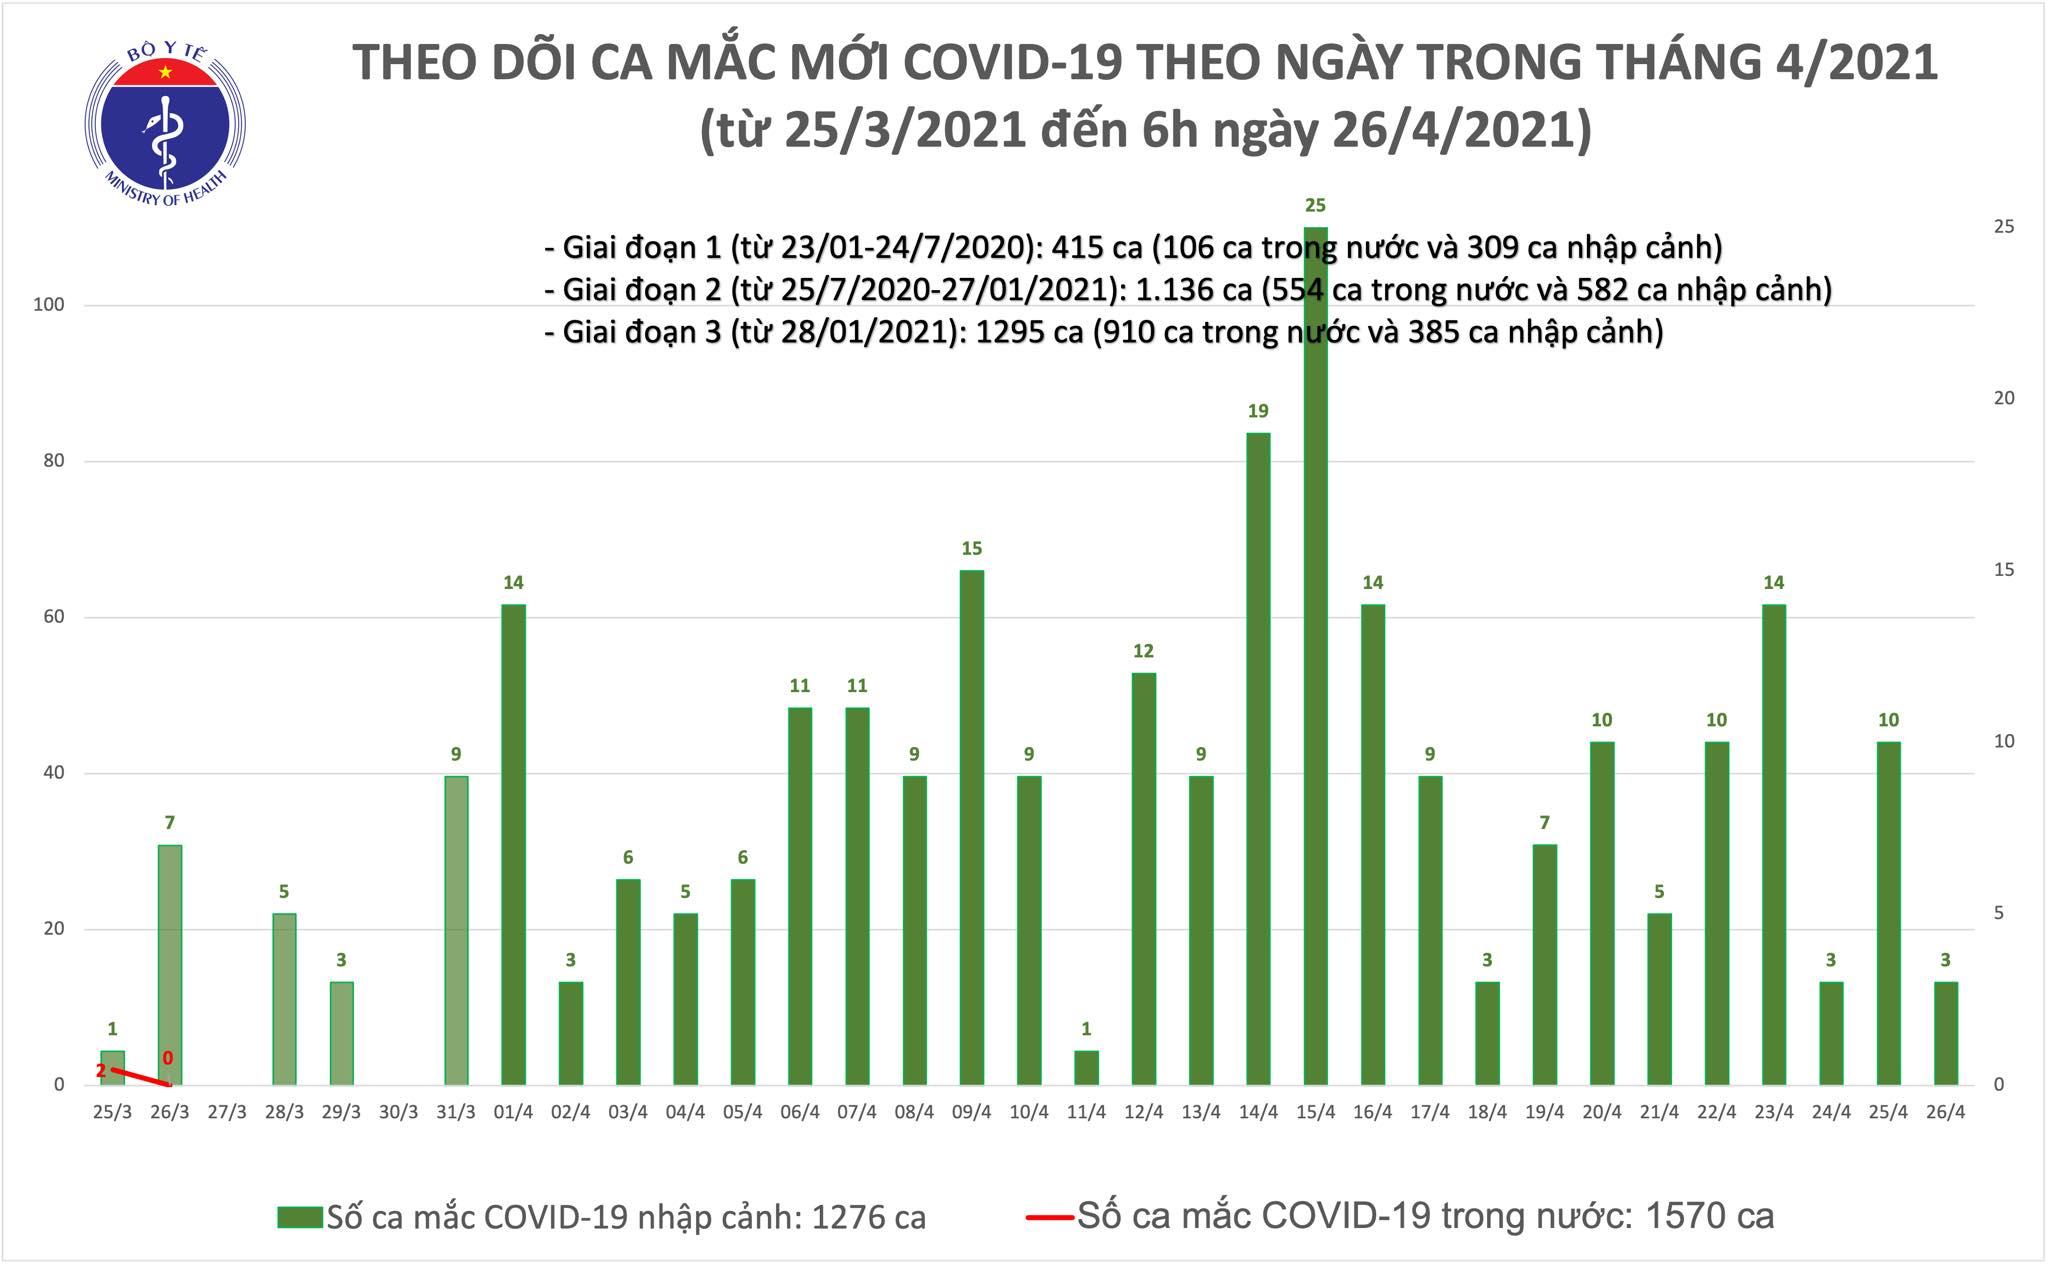 Sáng 26/4: Có 3 ca mắc COVID-19 tại Đà Nẵng và Quảng Nam - Ảnh 1.